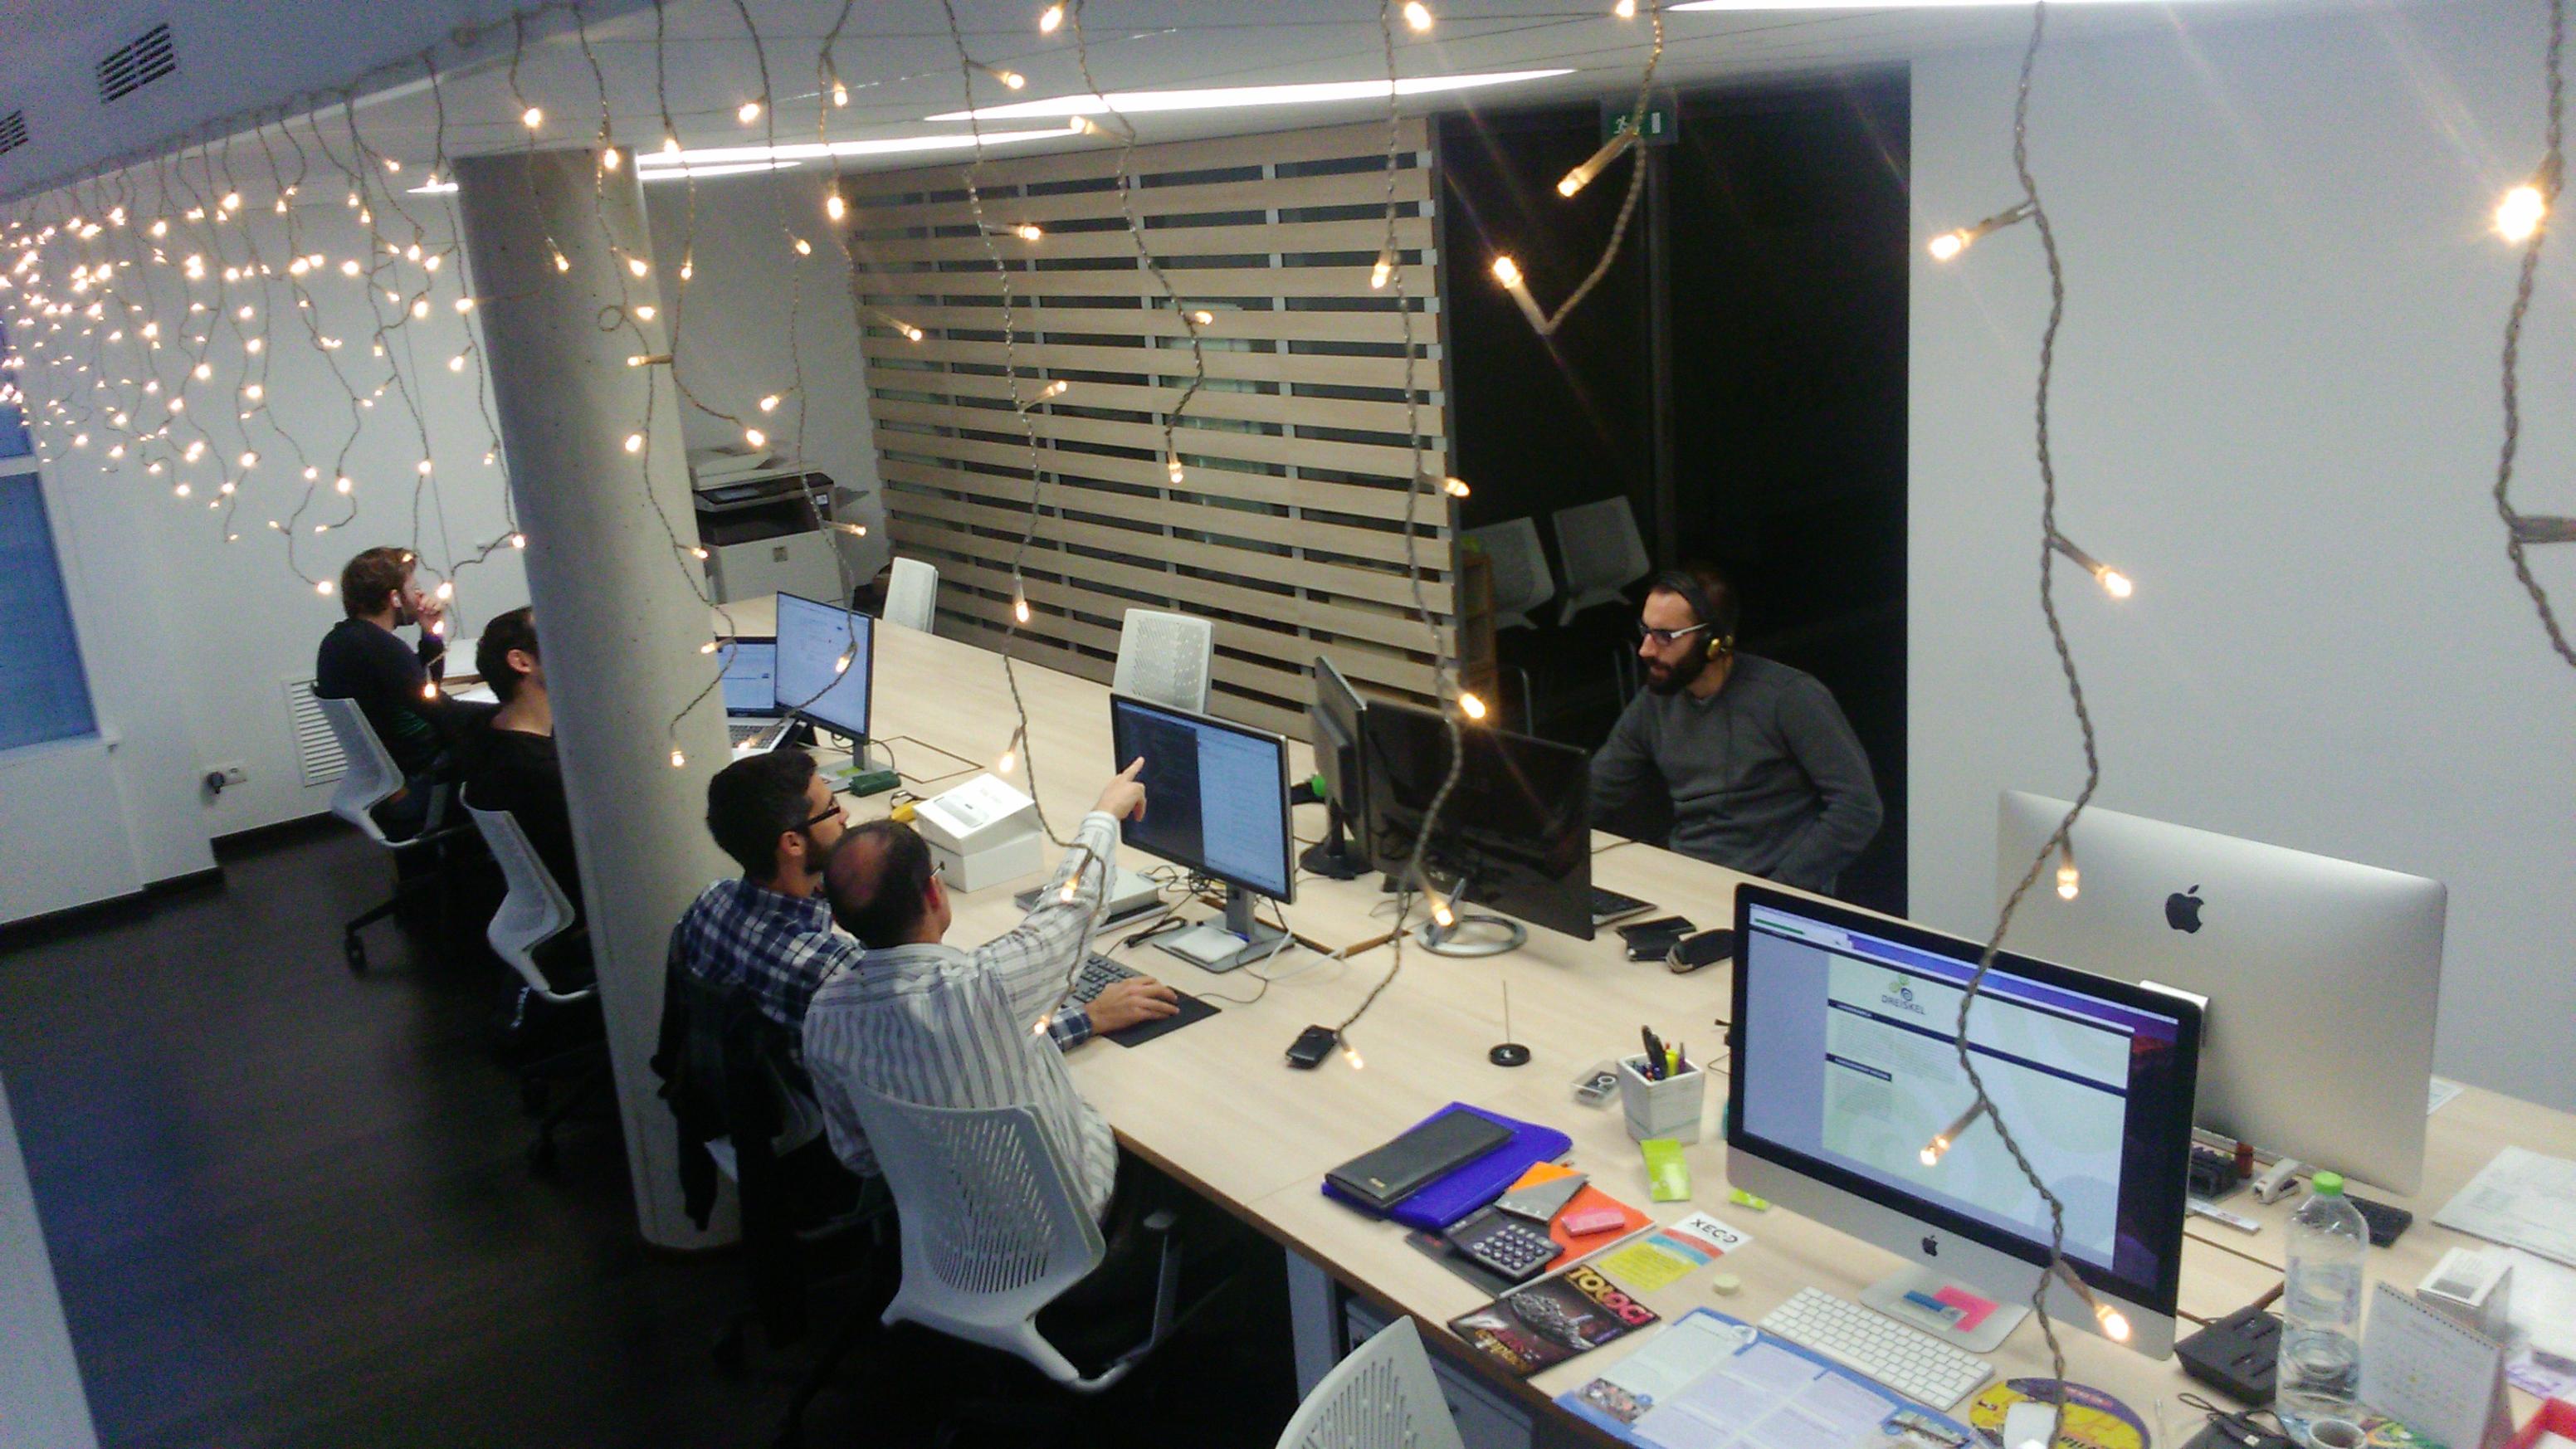 Espai Kowo - Espai de coworking a Amposta (Consorci Intercomarcal d'Iniciatives Socioeconòmiques Ribera d'Ebre – Terra Alta)